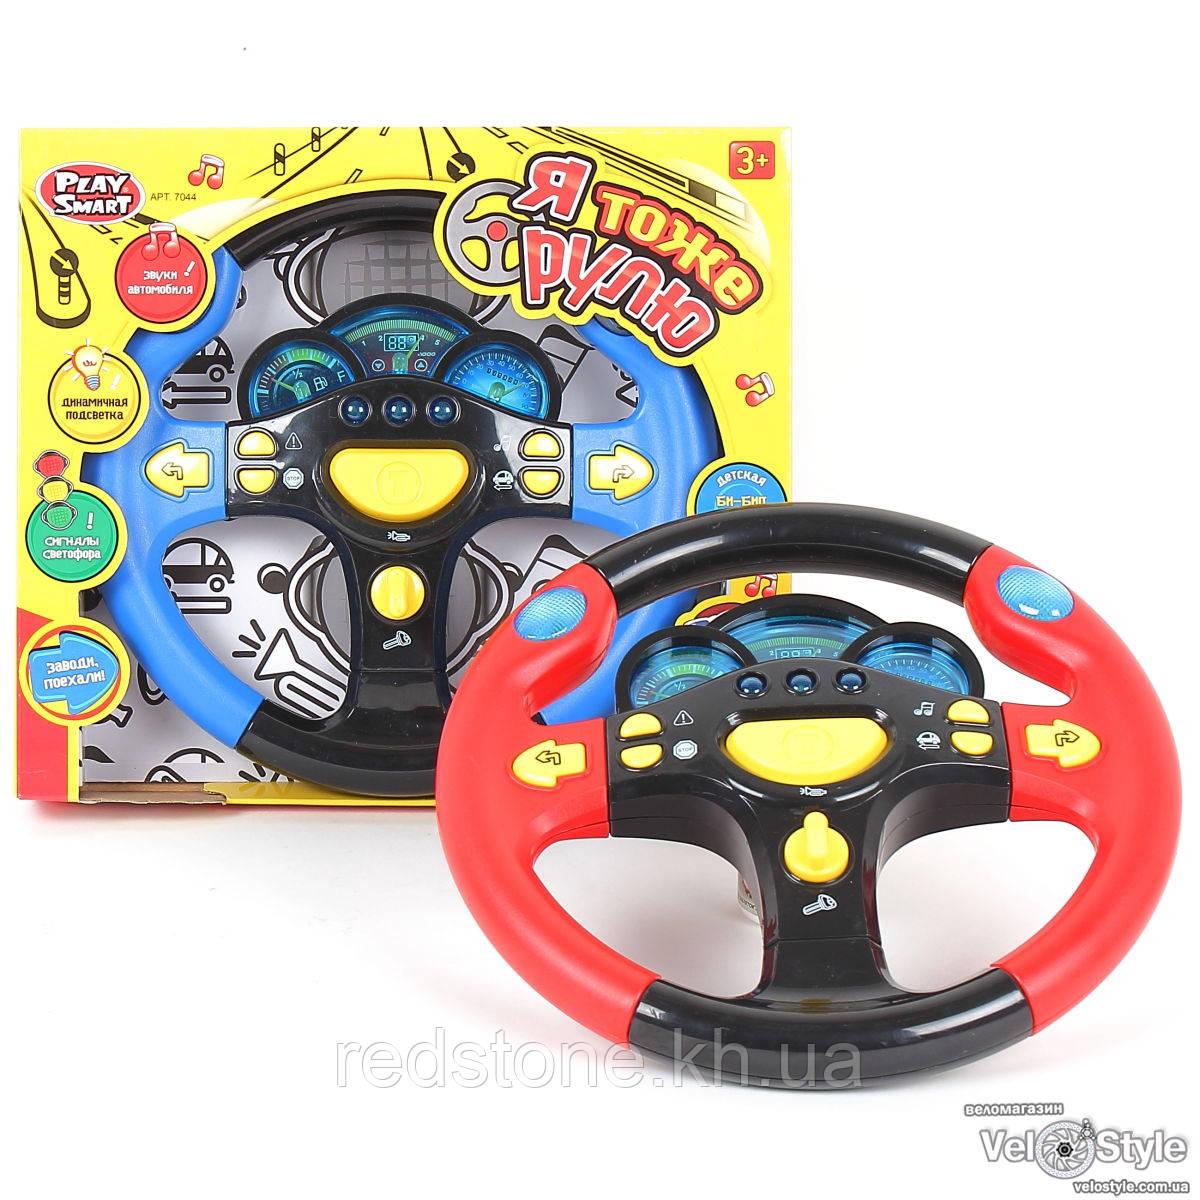 Игровой набор руль Joy Toy свет, звук (красный и синий цвета)